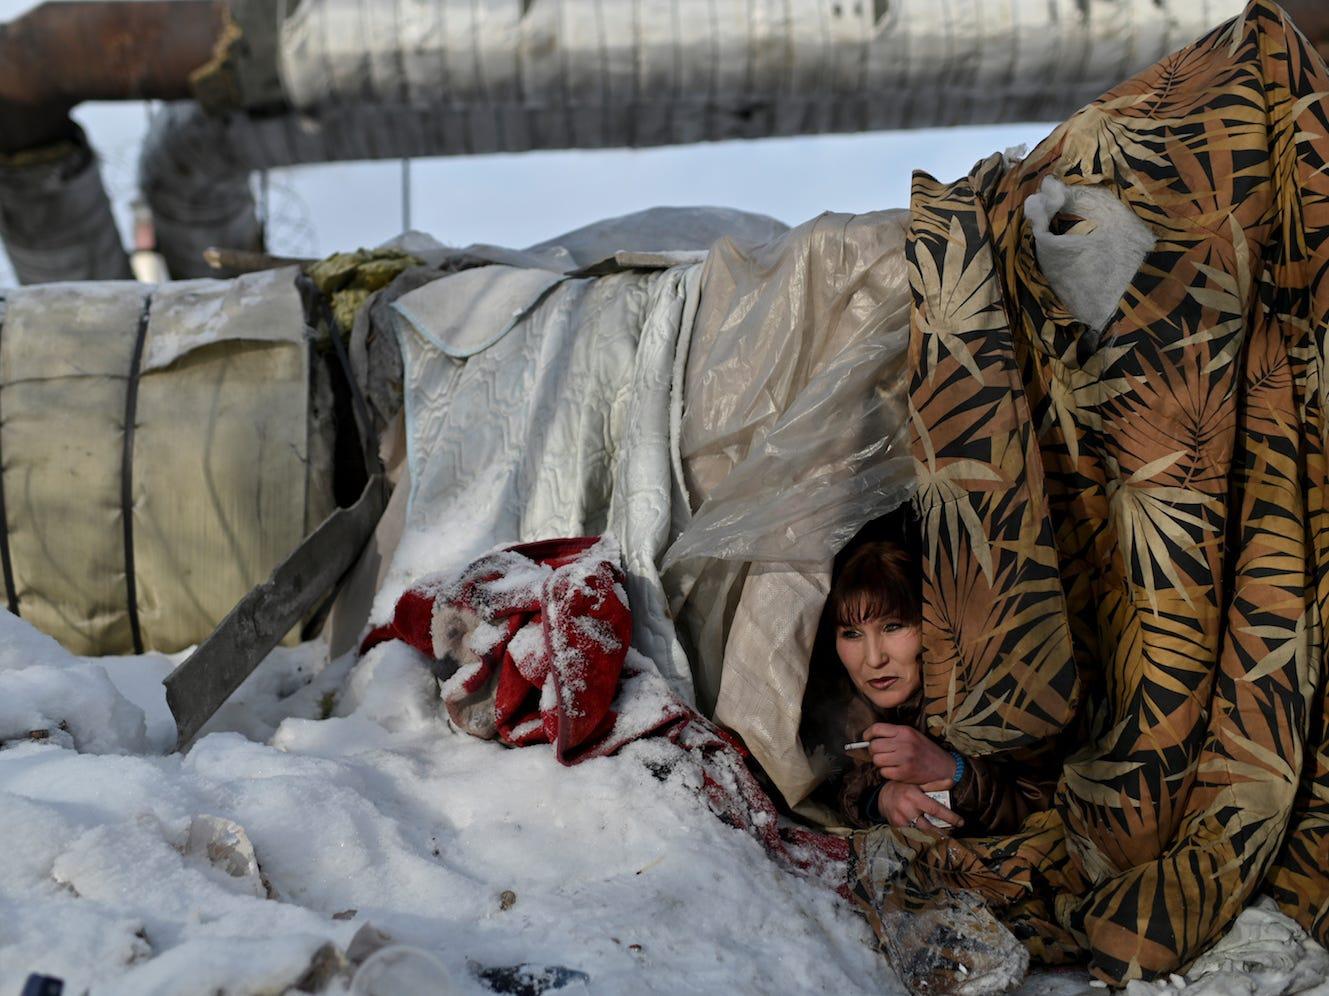 Mùa đông chật vật của người vô gia cư ở nơi lạnh nhất thế giới Siberia – iVIVU.com